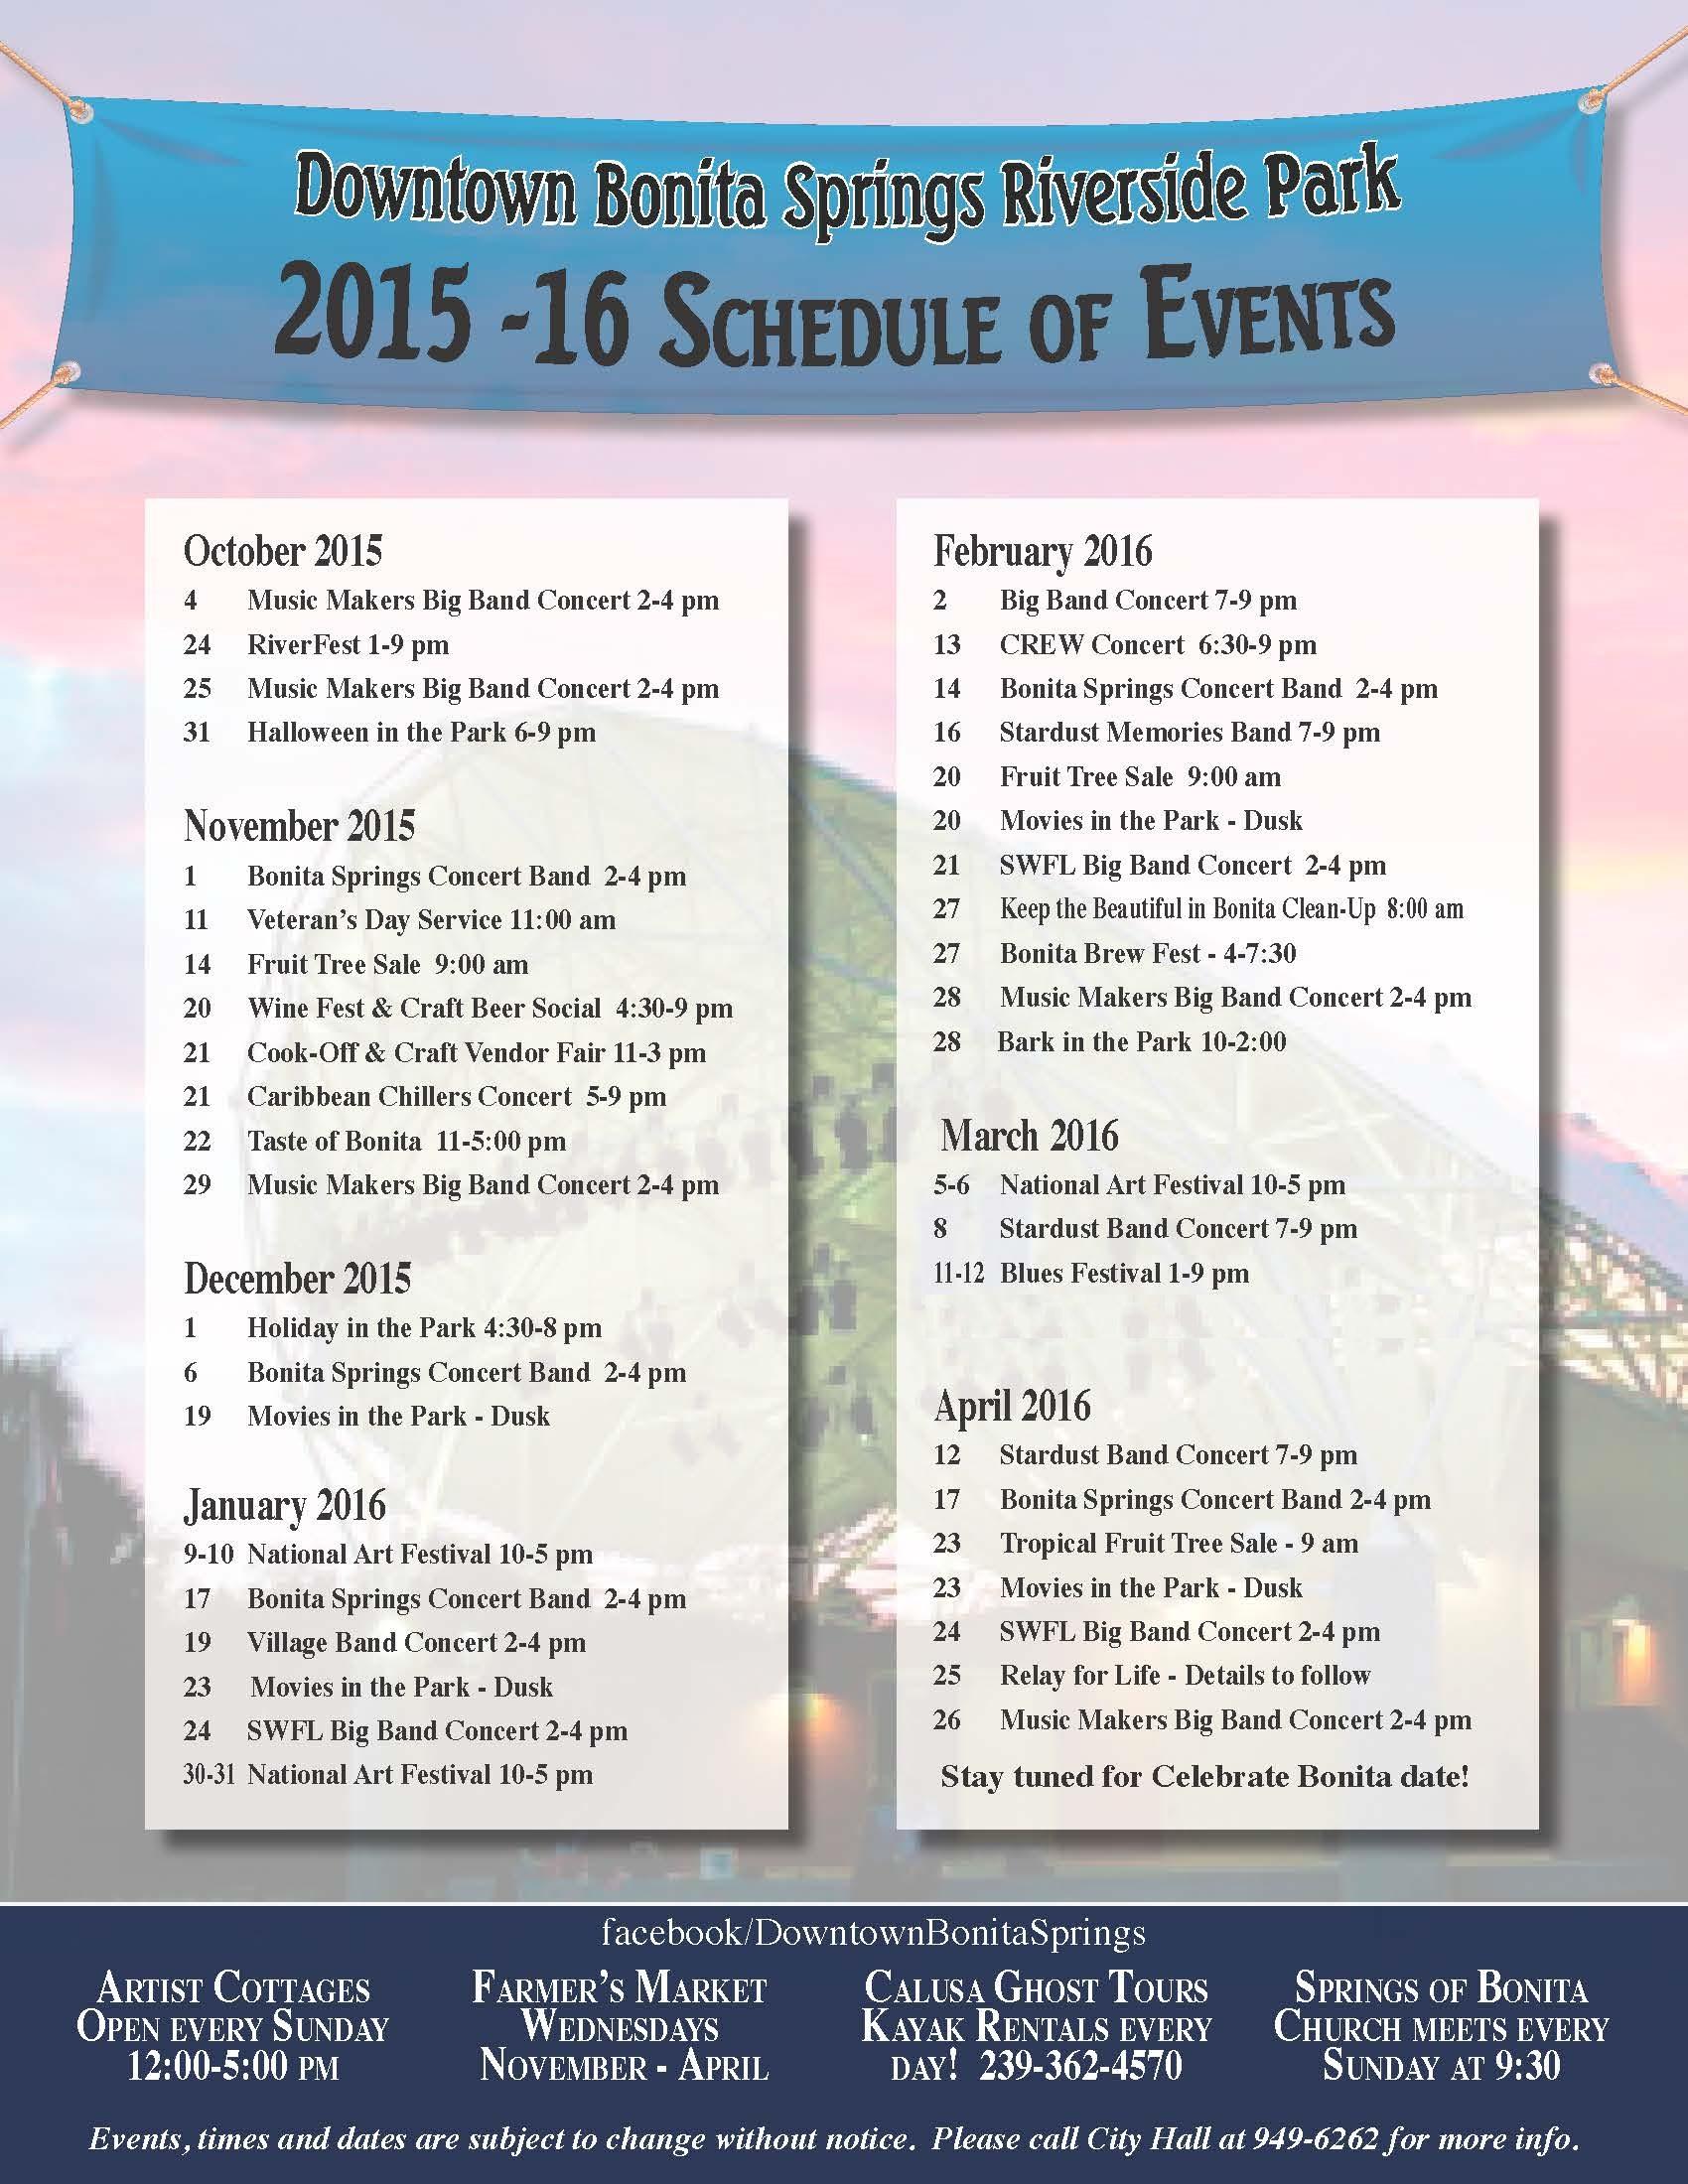 Bonita Springs Calendar 2016